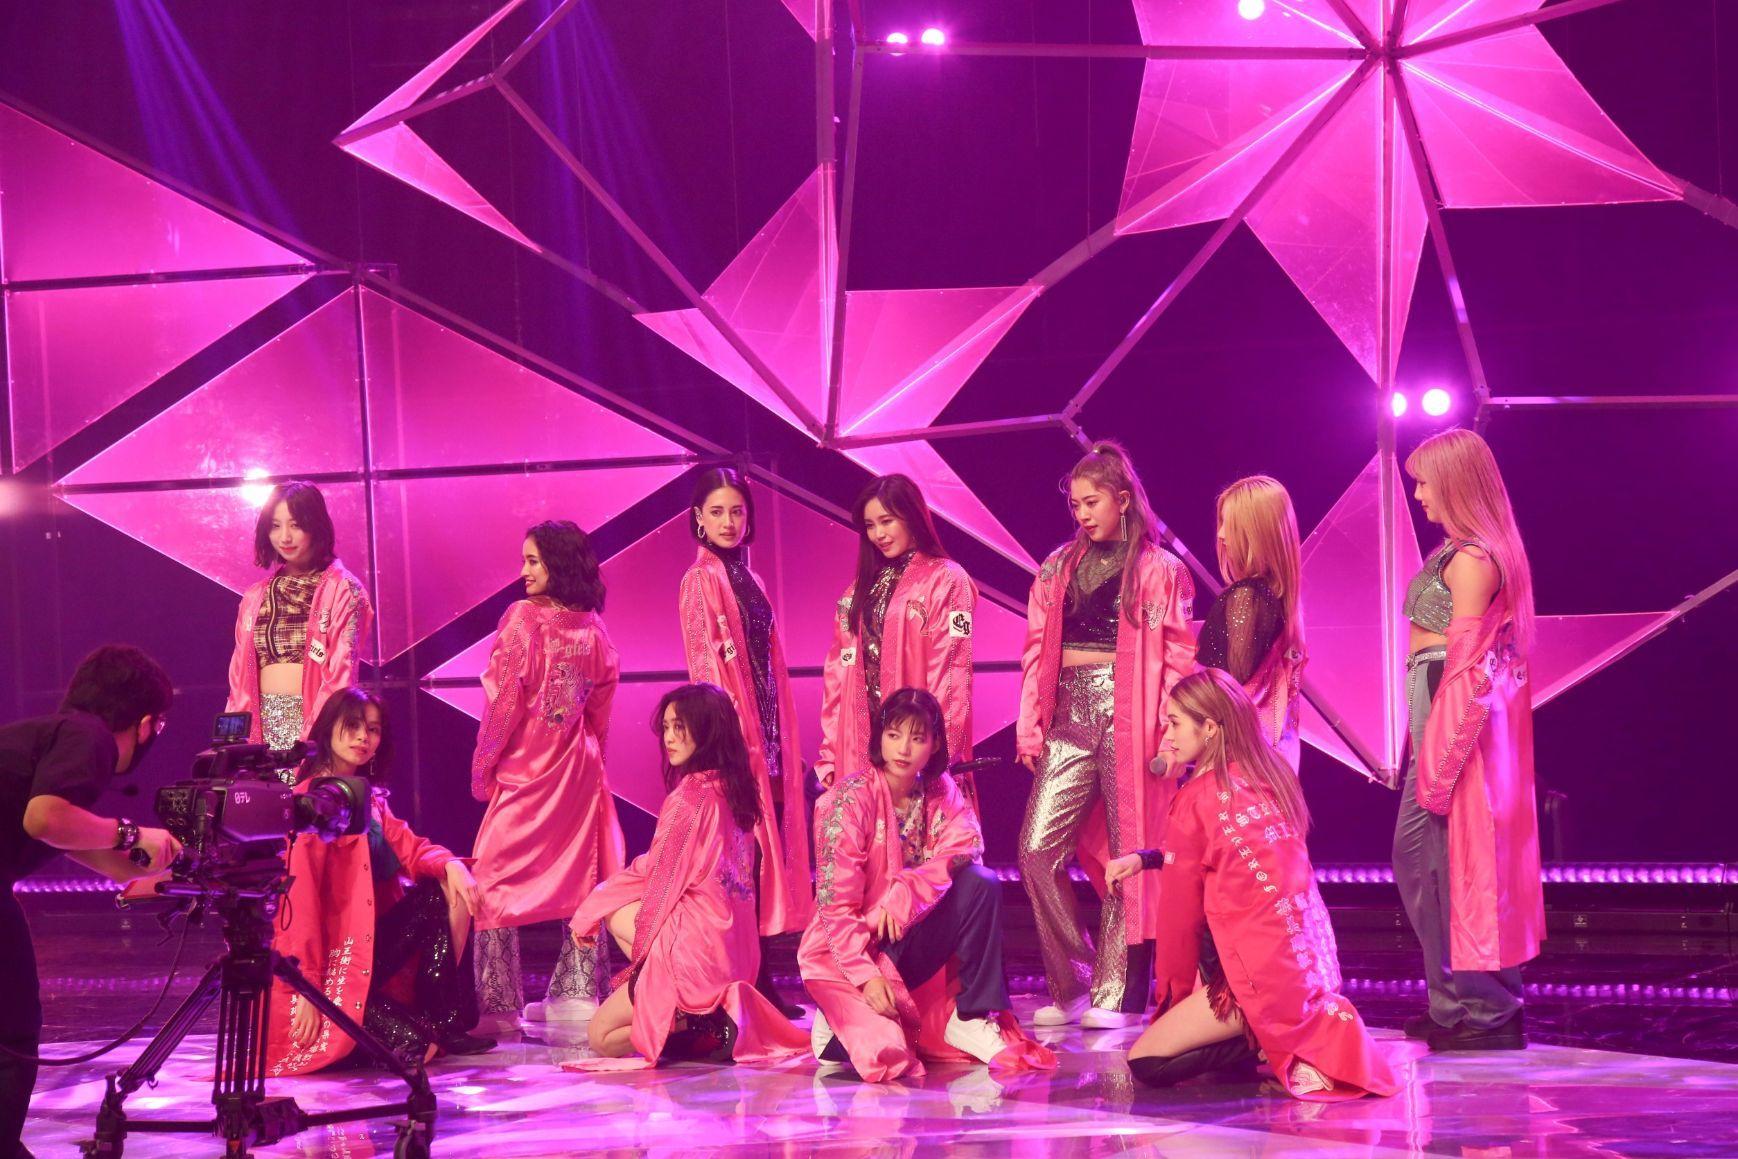 E-girls『Specil LIVE & TALK Show』 「STRAWBERRY サディスティック」